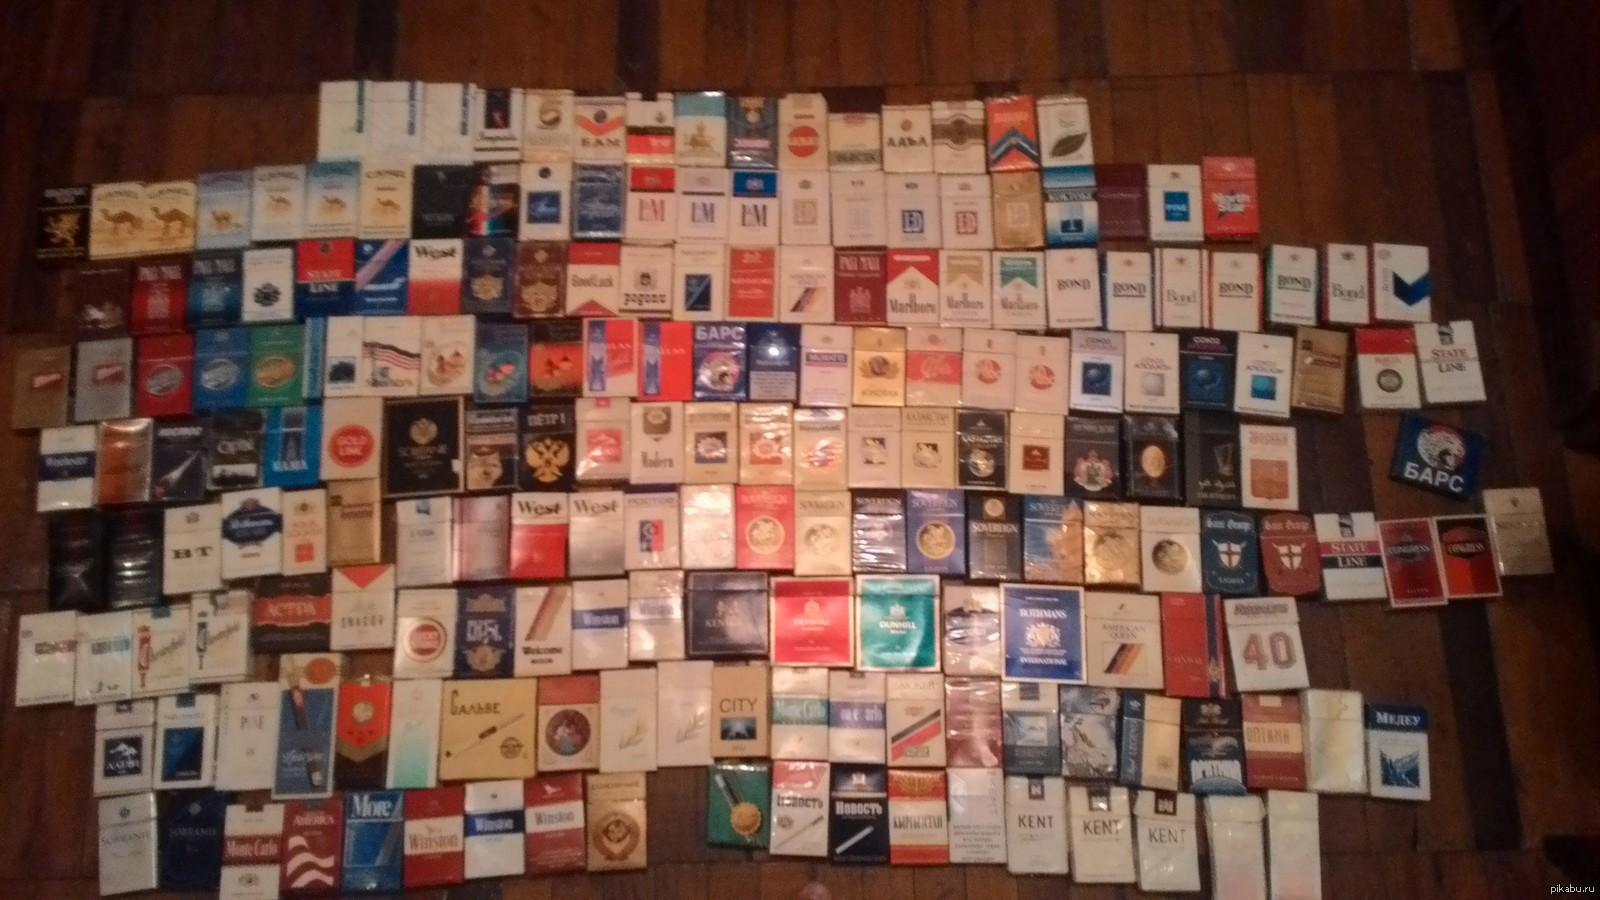 картинки пачек сигарет всех марокко начала, предлагаем разобраться